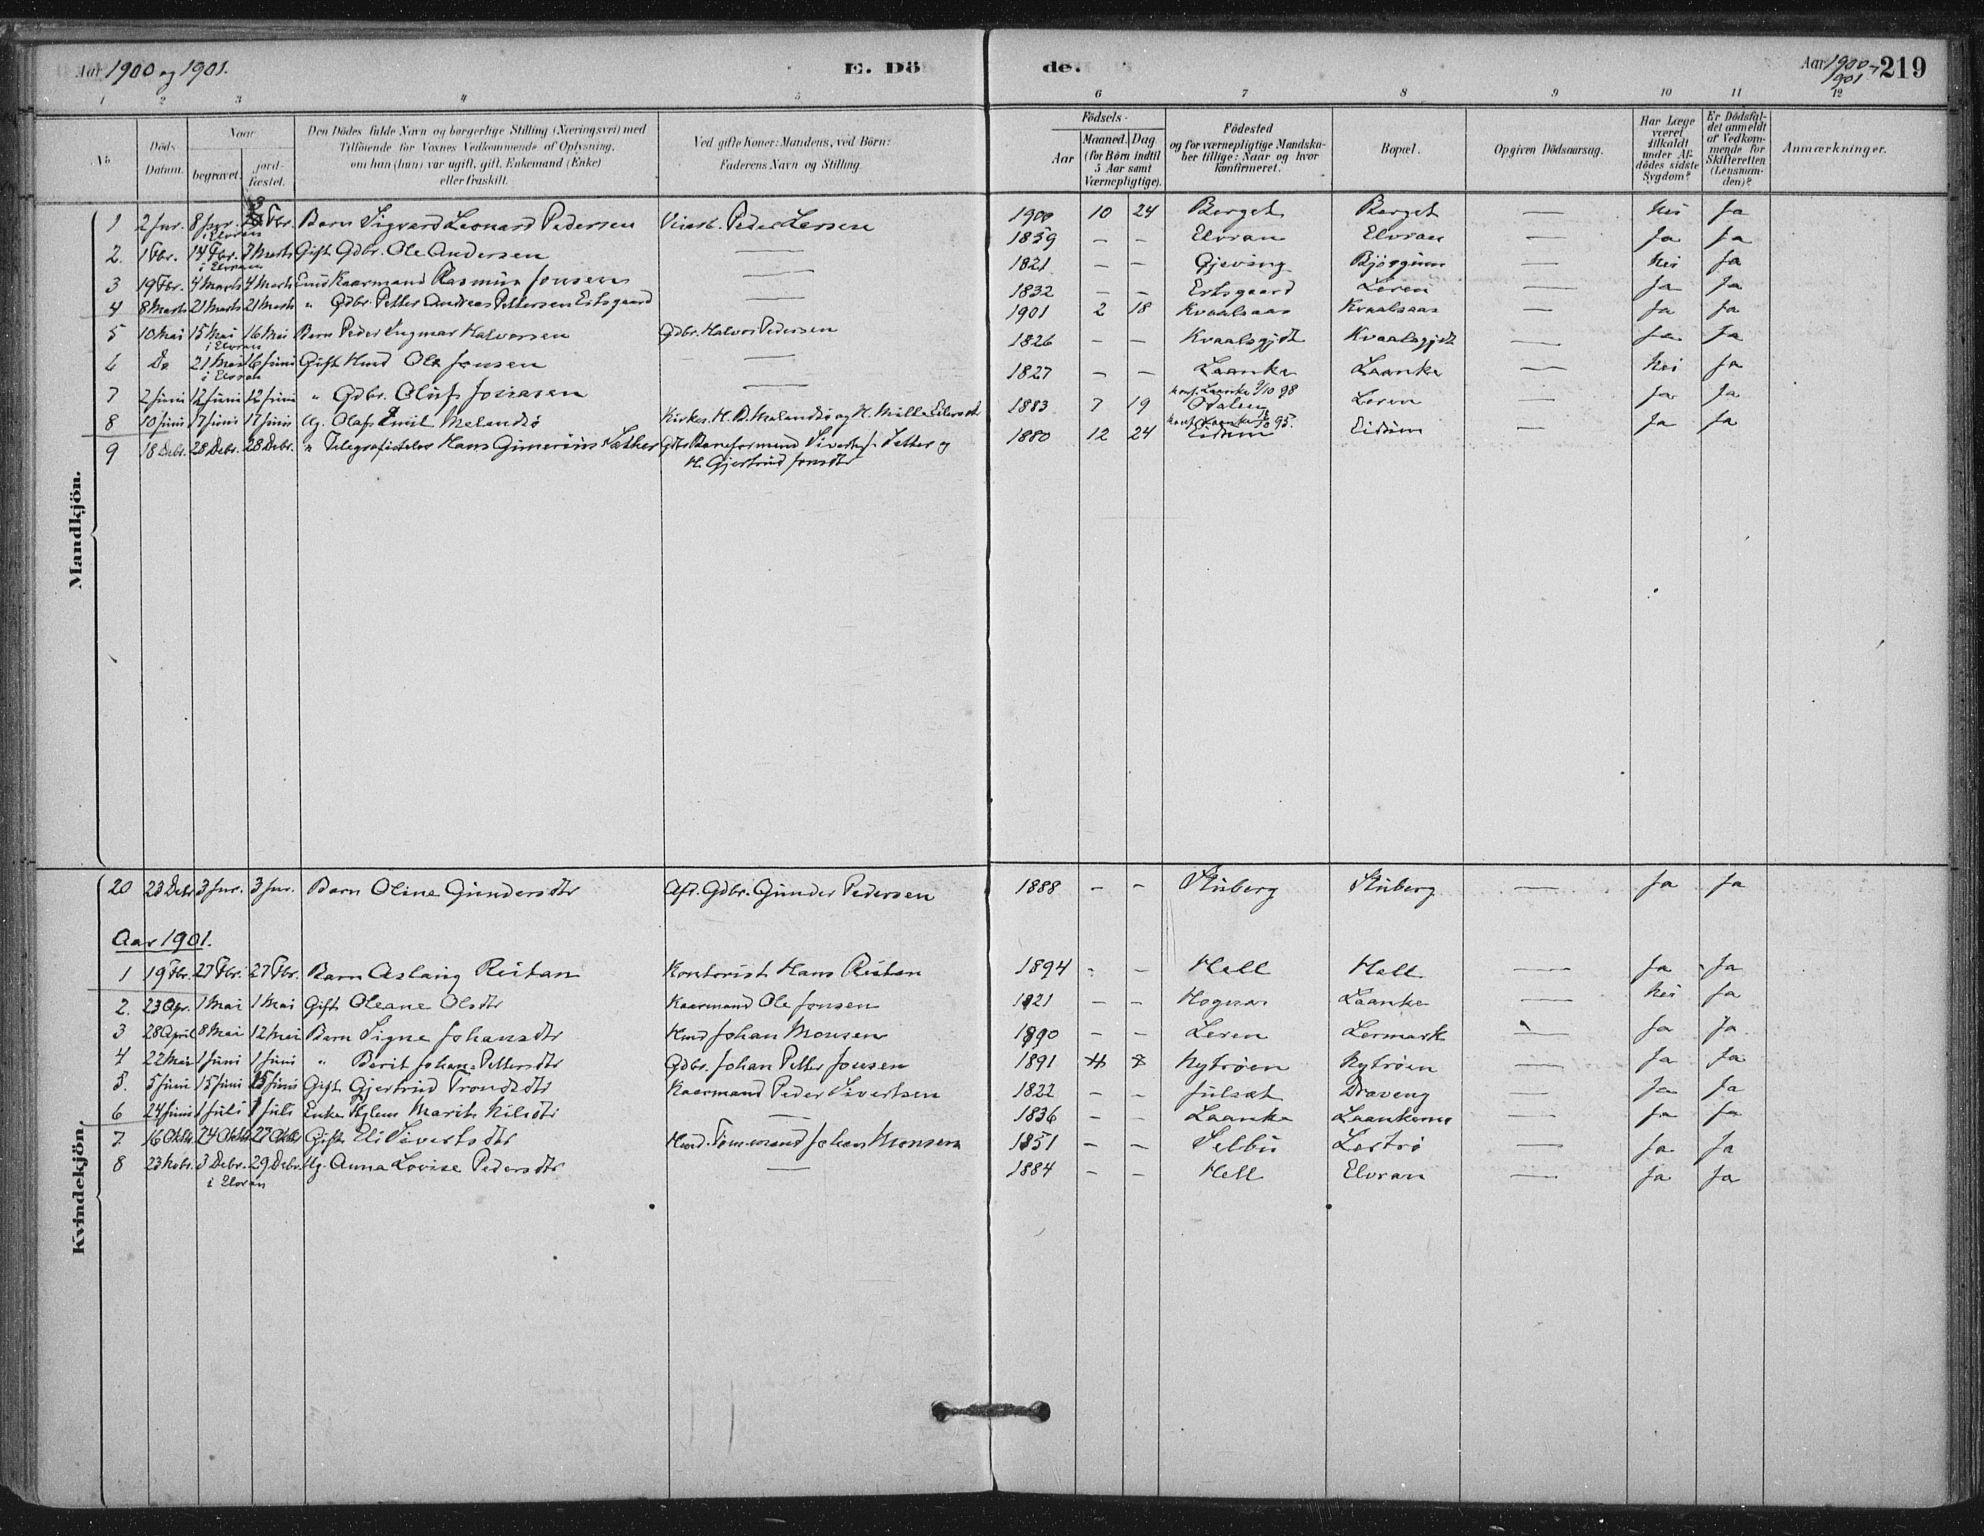 SAT, Ministerialprotokoller, klokkerbøker og fødselsregistre - Nord-Trøndelag, 710/L0095: Ministerialbok nr. 710A01, 1880-1914, s. 219